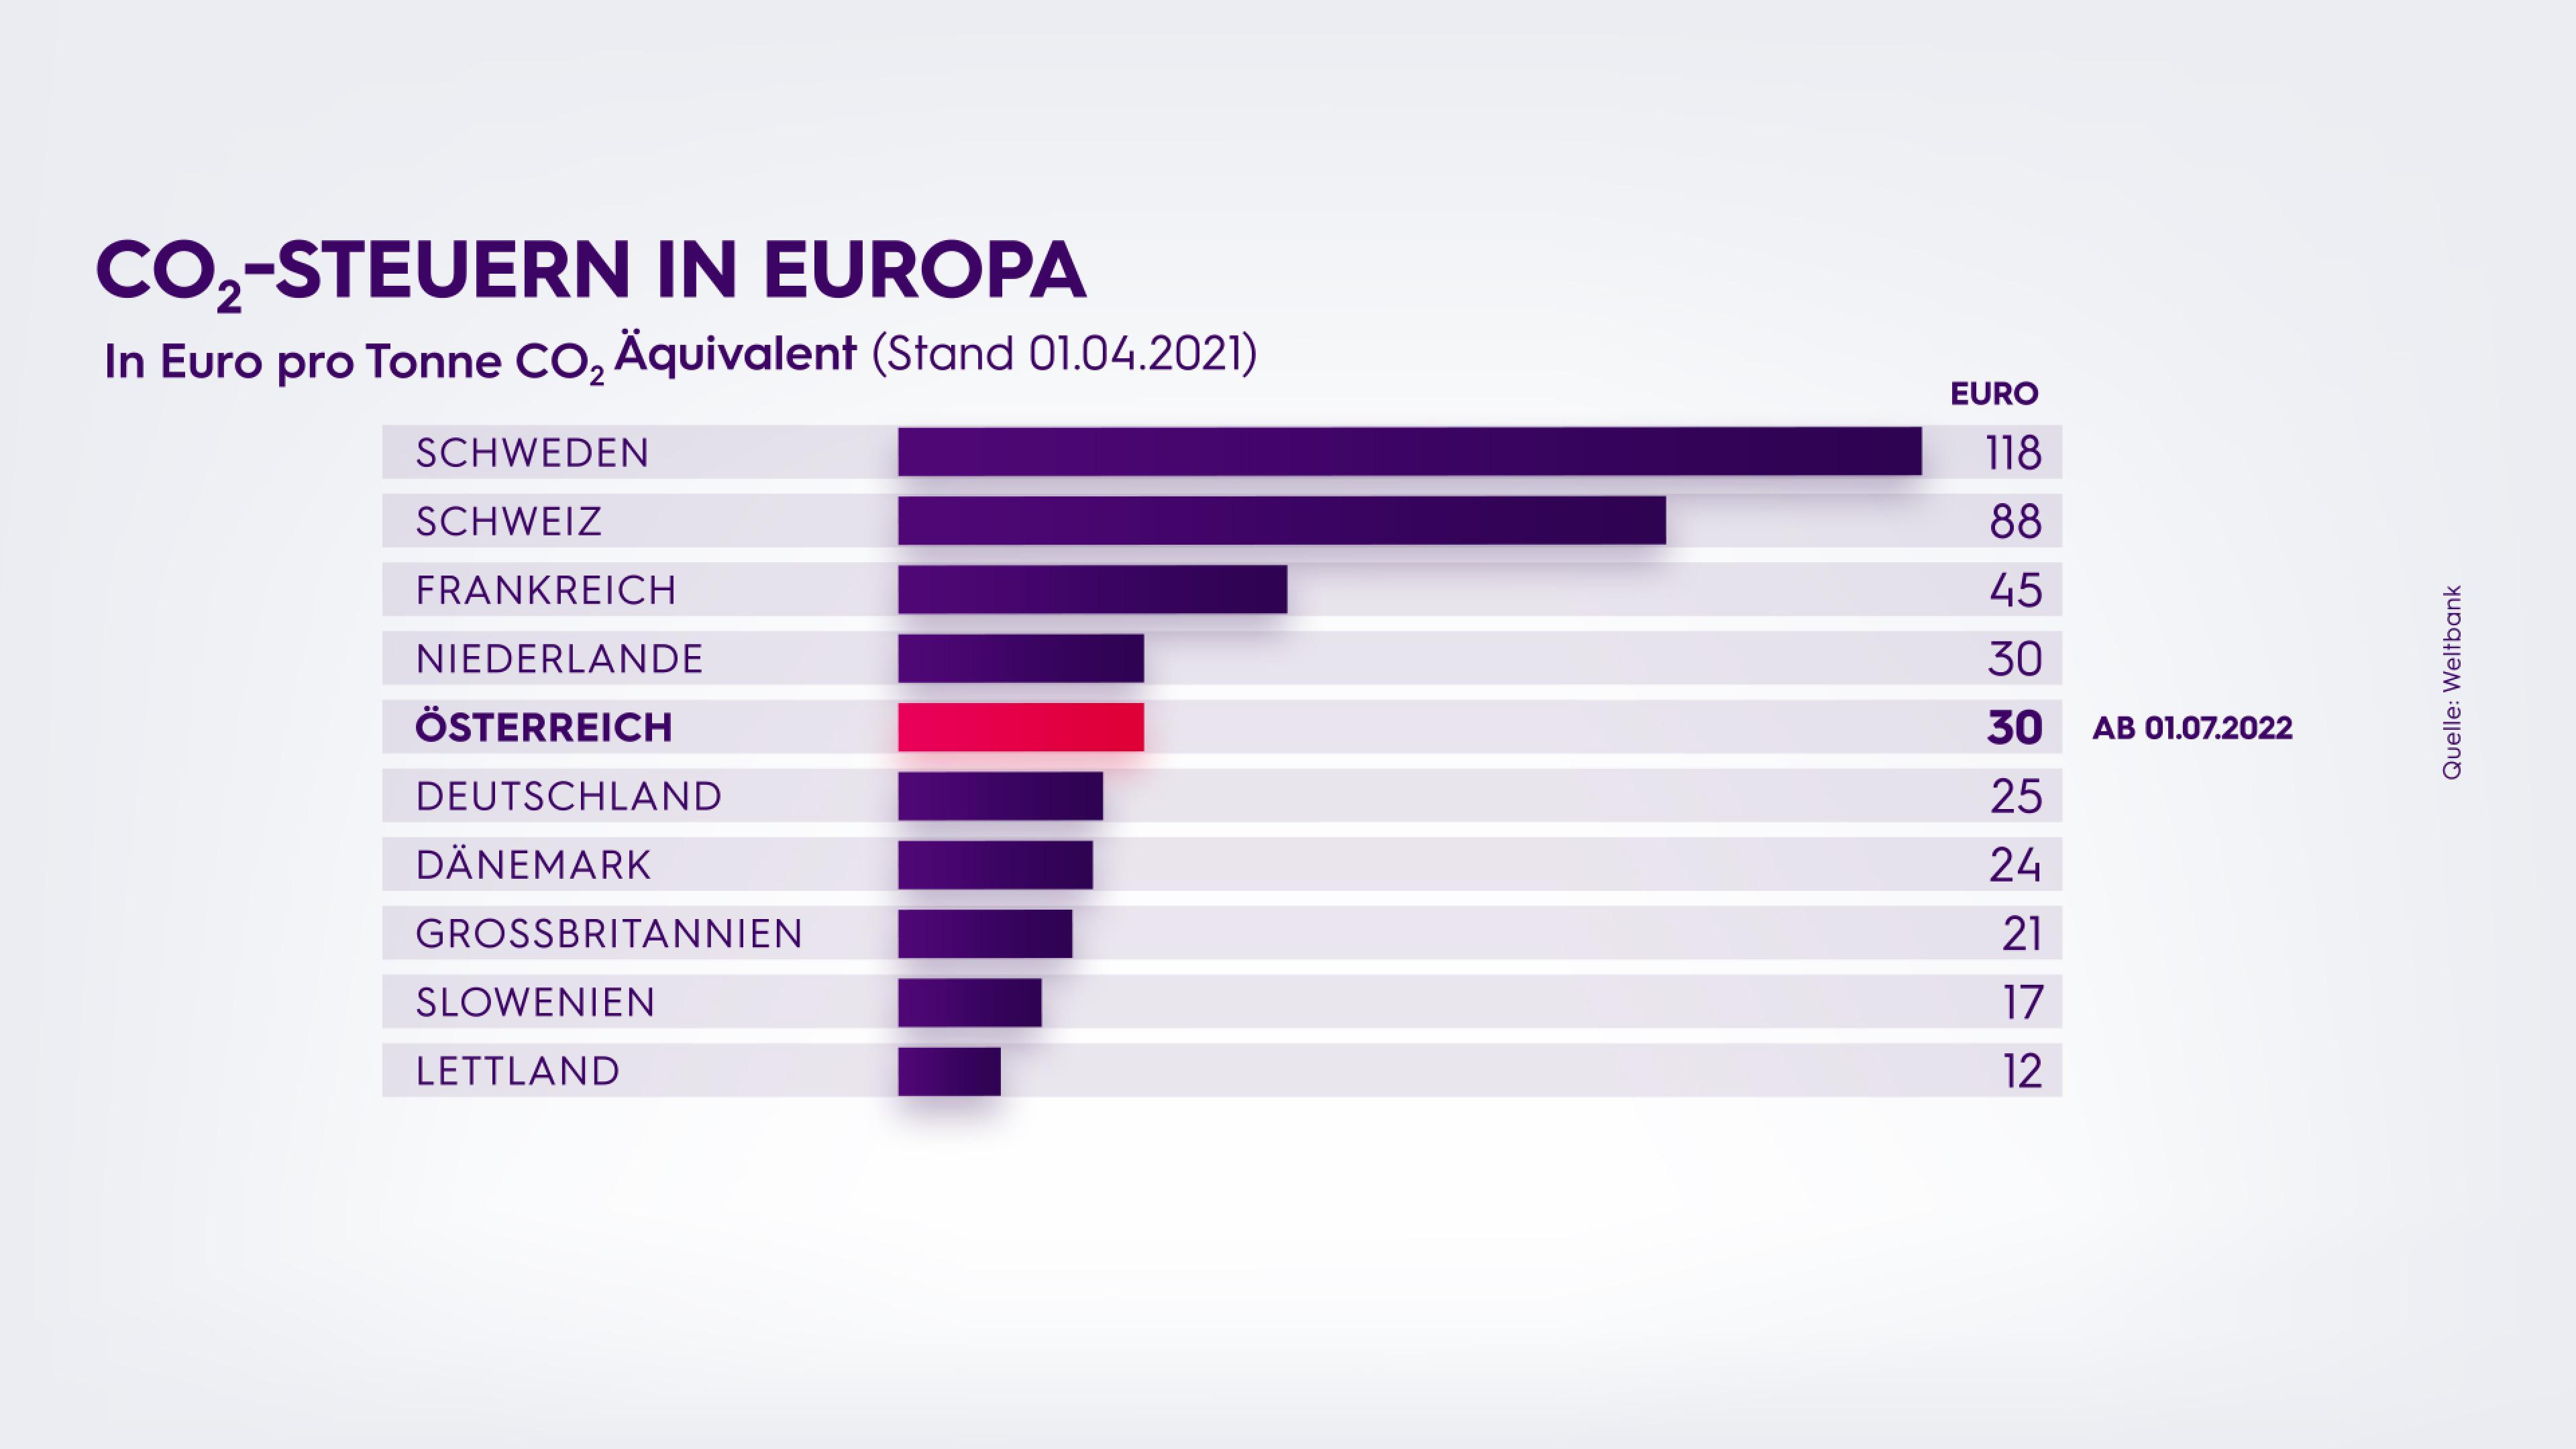 Ökosoziale Steuerreform: CO2-Steuern in Europa